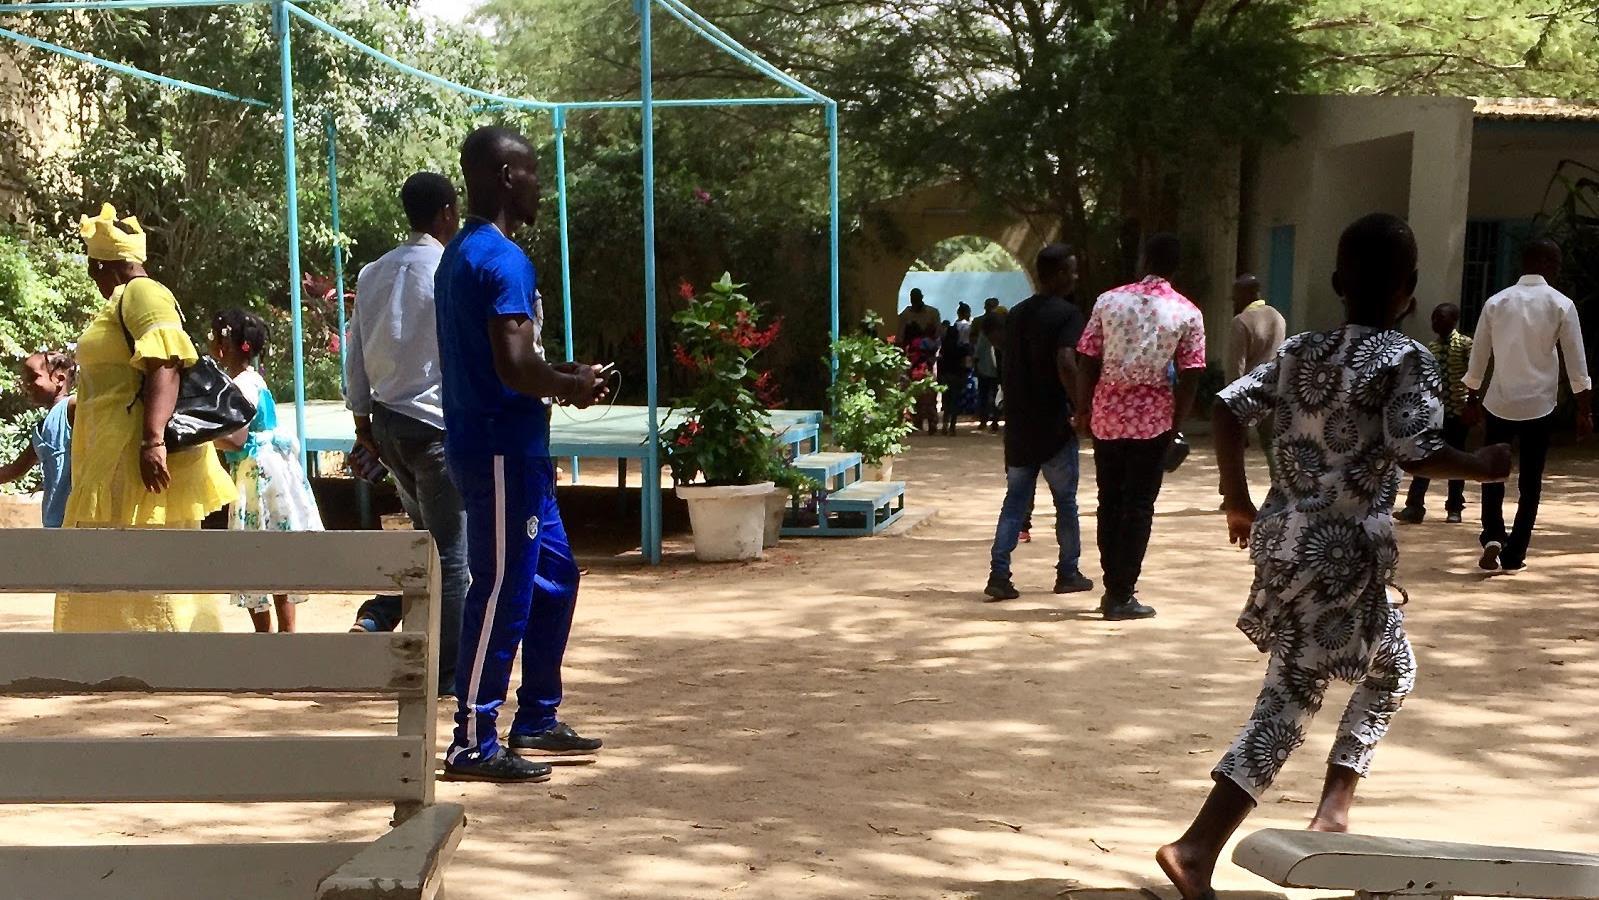 Des fidèles rassemblés dans l'enceinte de l'église de Nouakchott, après la messe du dimanche